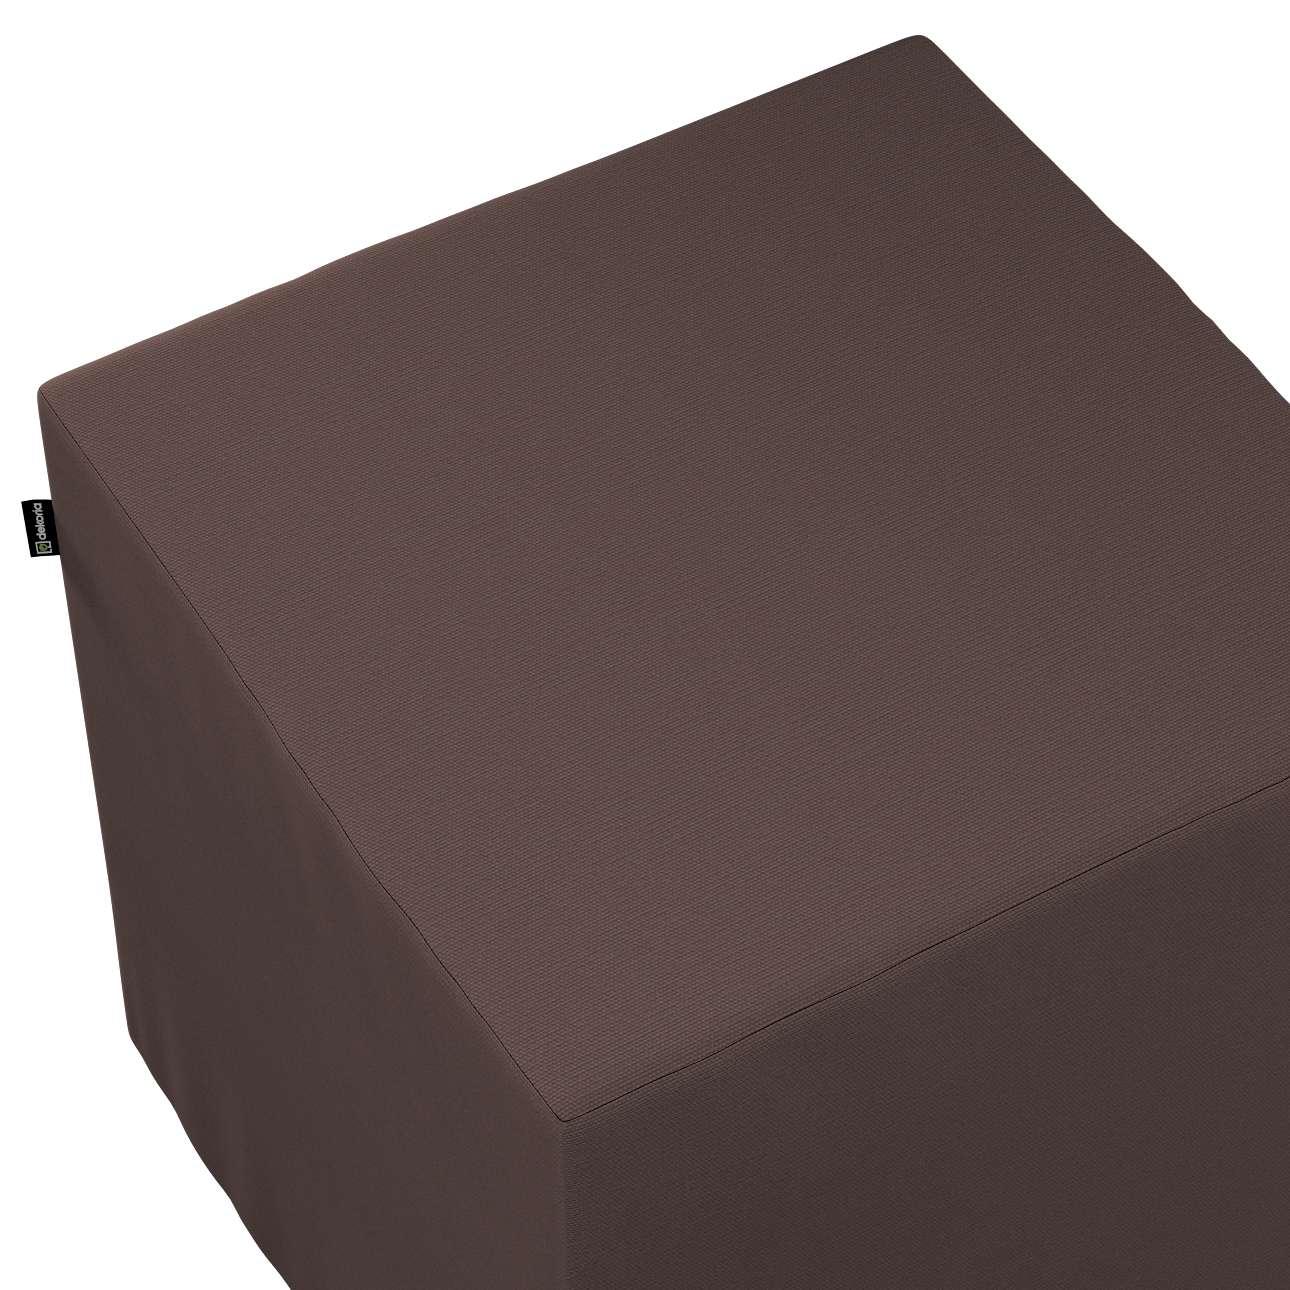 Pokrowiec na pufę kostkę w kolekcji Cotton Panama, tkanina: 702-03